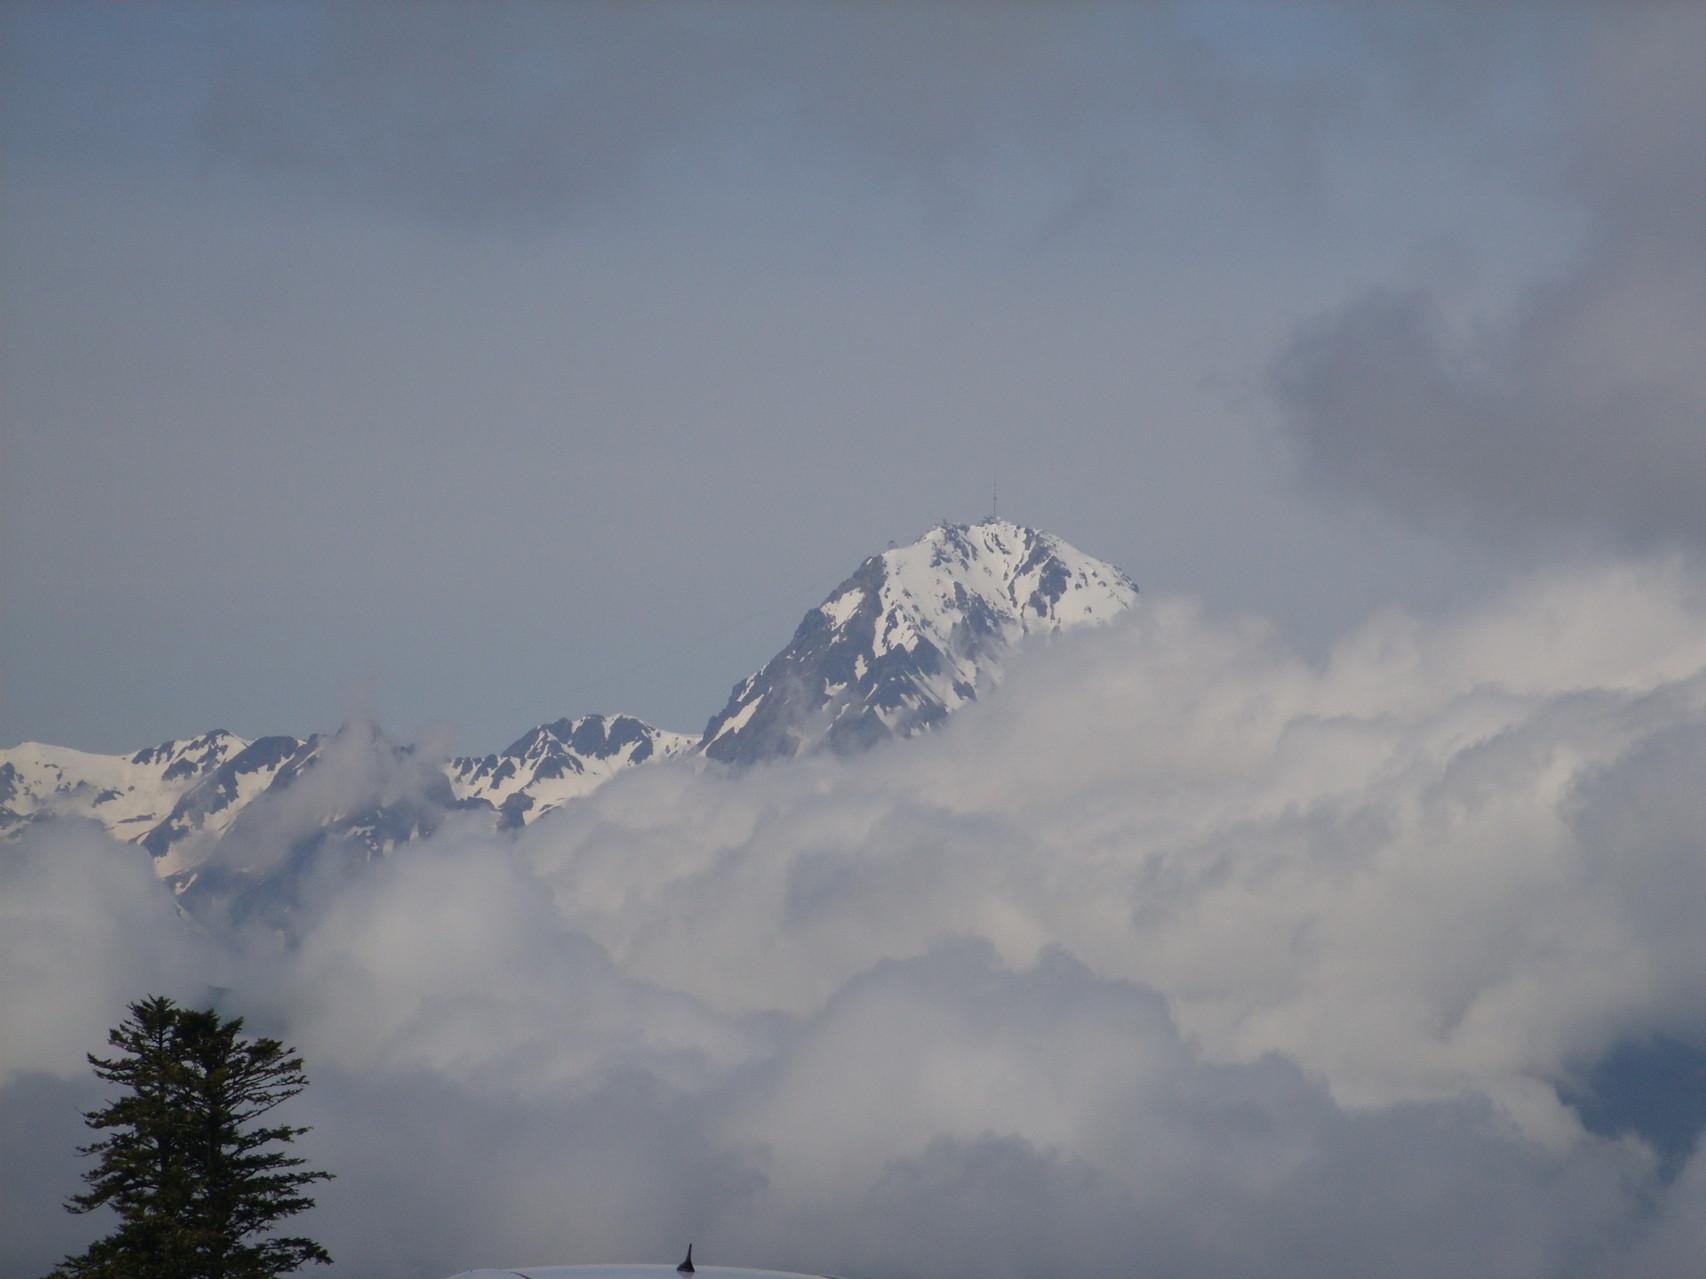 Le pic du Midi de Bigorre depuis le col d'Aspin